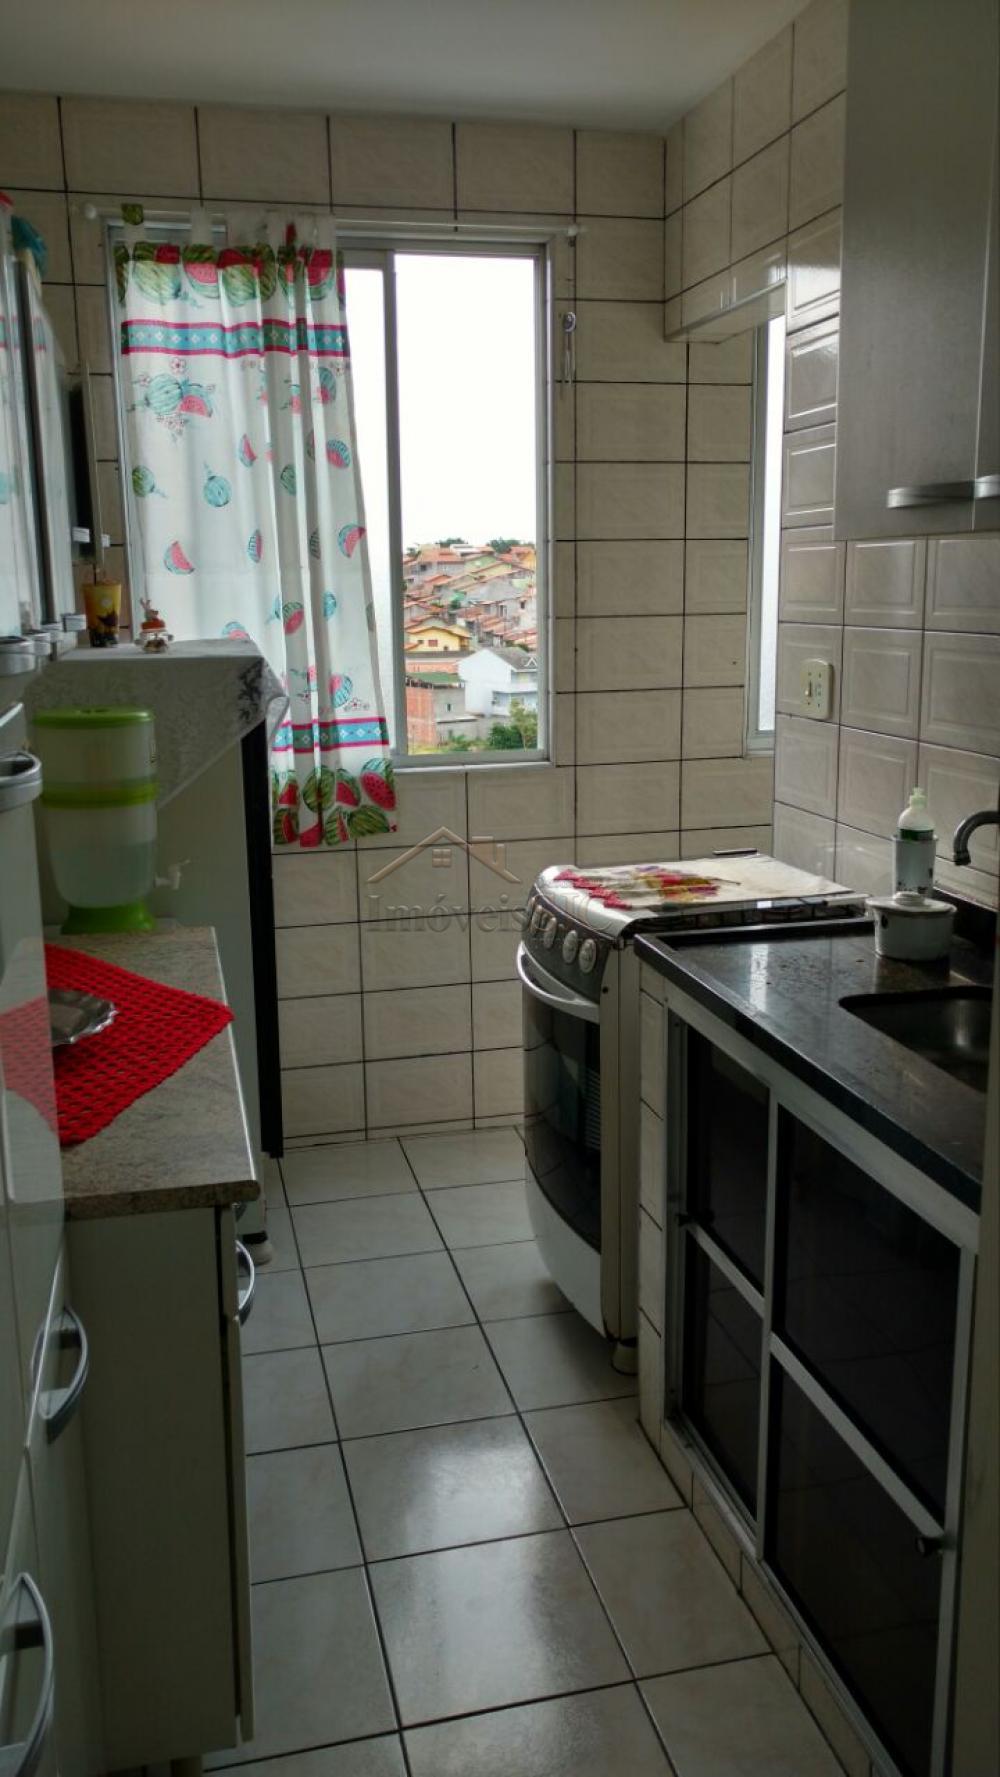 Comprar Apartamentos / Padrão em São José dos Campos apenas R$ 170.000,00 - Foto 4